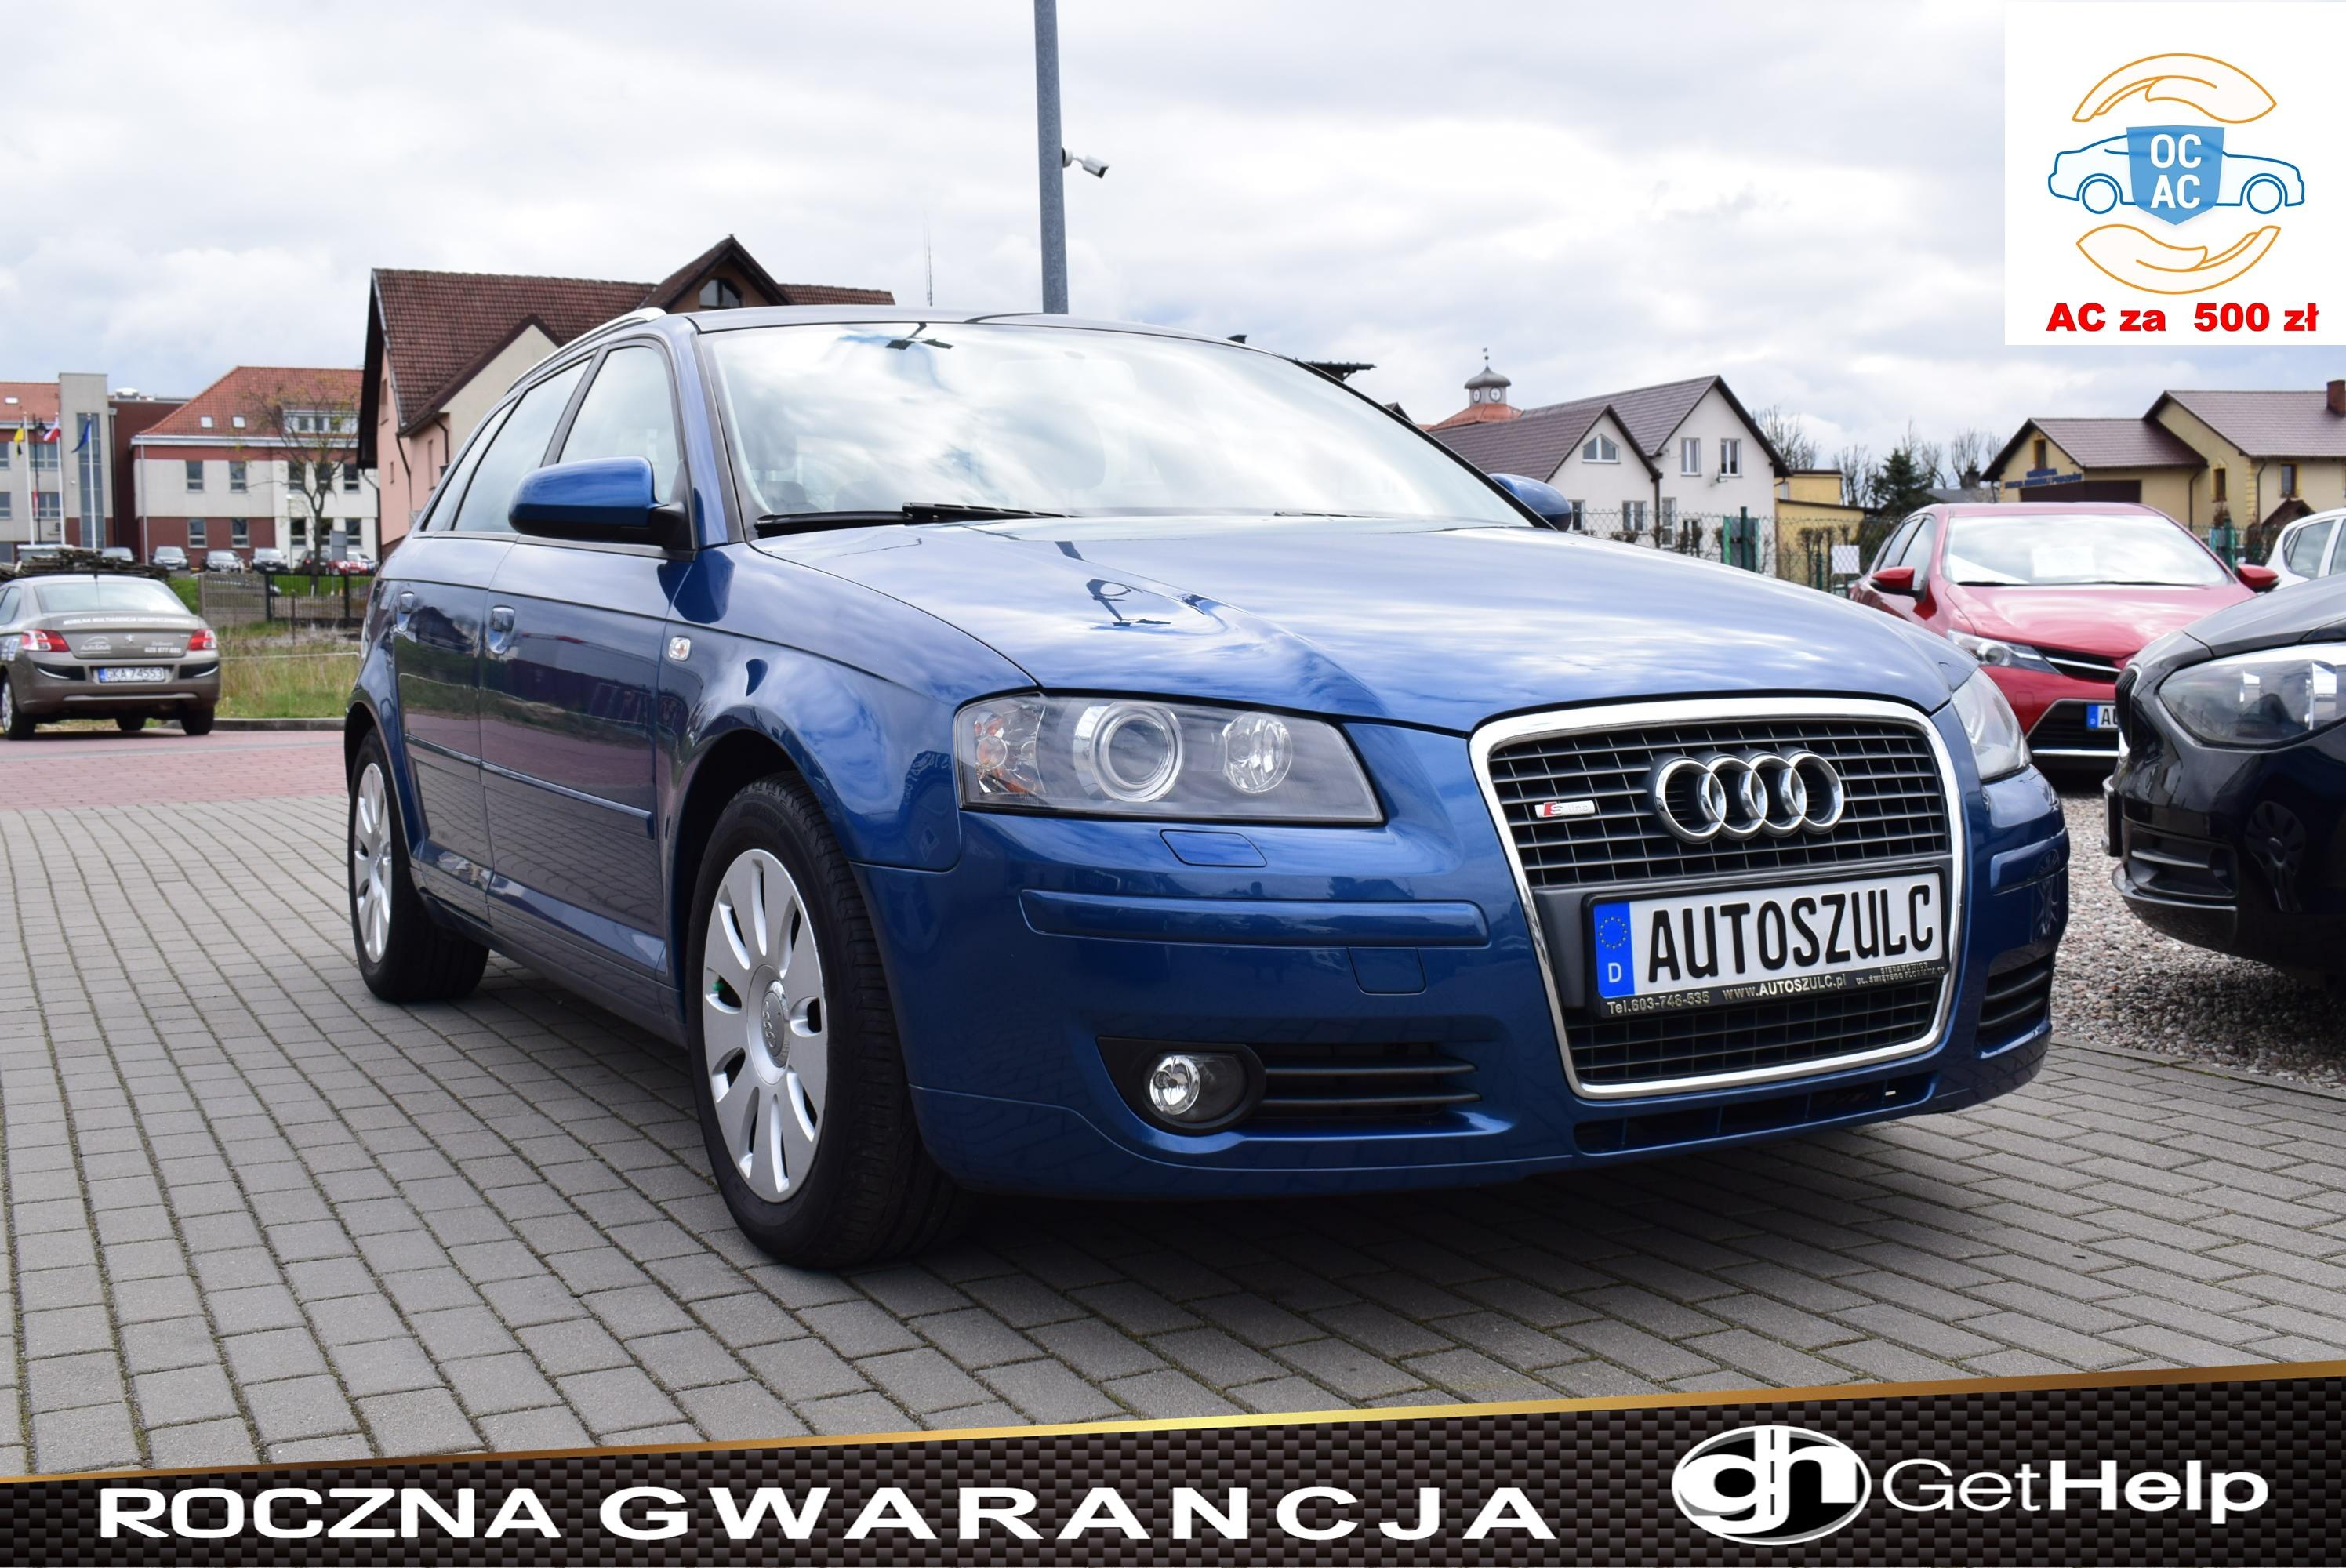 Audi A3 1.6 Benzyna, Sportback, Import z Niemiec, 5-drzwi, Podwójny Szyberdach, 6-biegów, Skóra, Rok Gwarancji